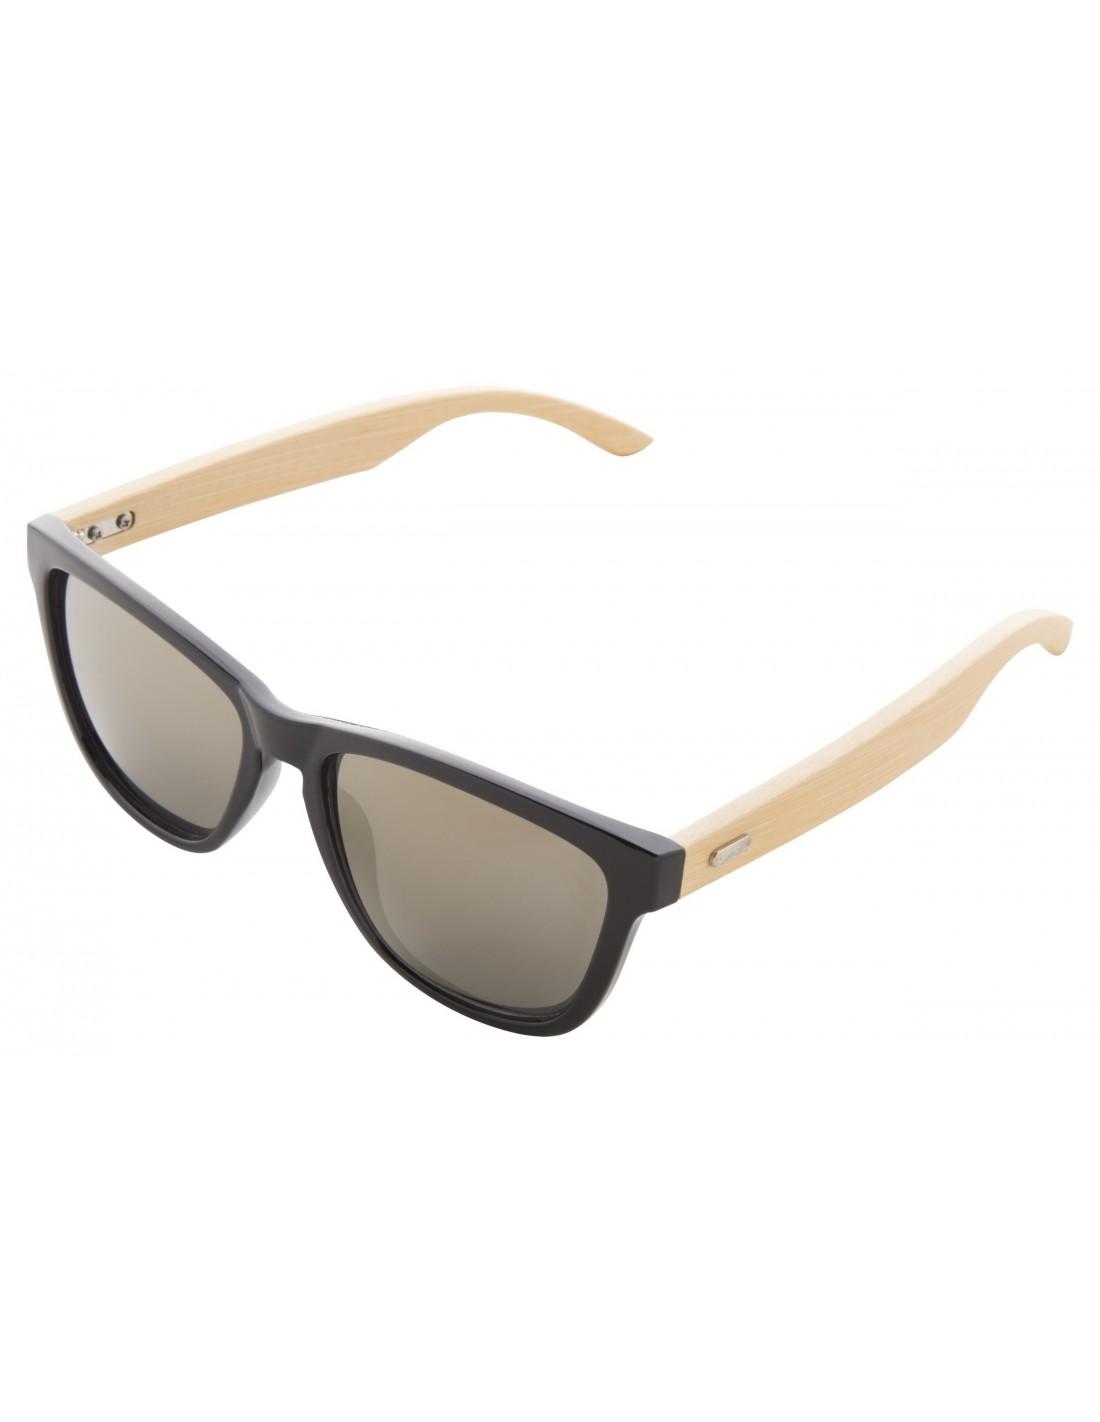 5bf37c1523 Okulary przeciwsłoneczne z bambusa z własnym nadrukiem